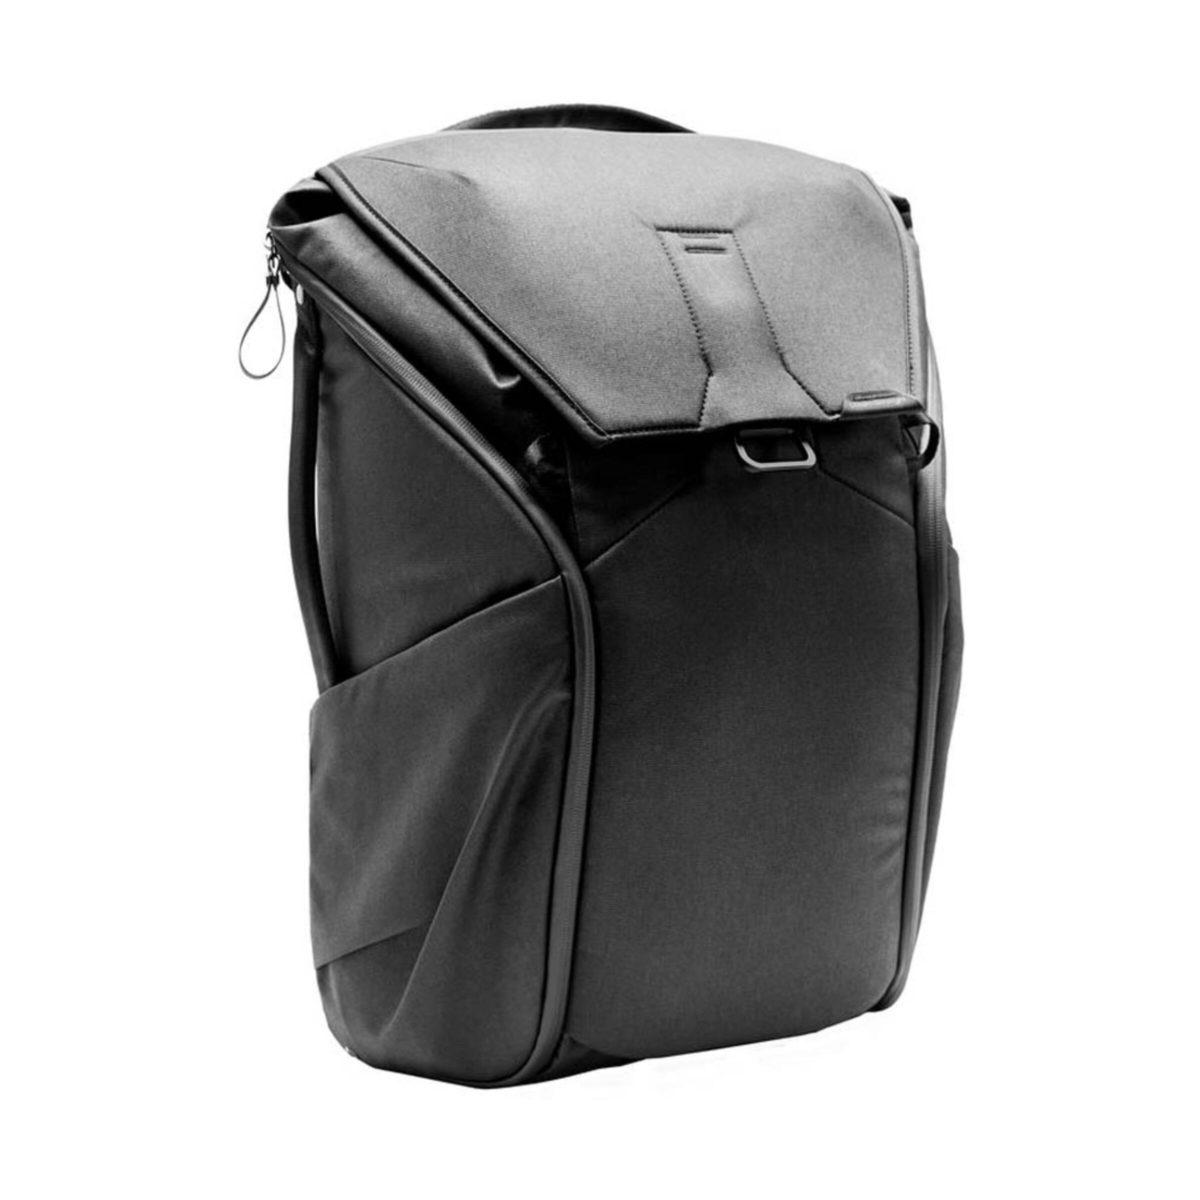 peak_design_everyday_backpack_30l_bk_02